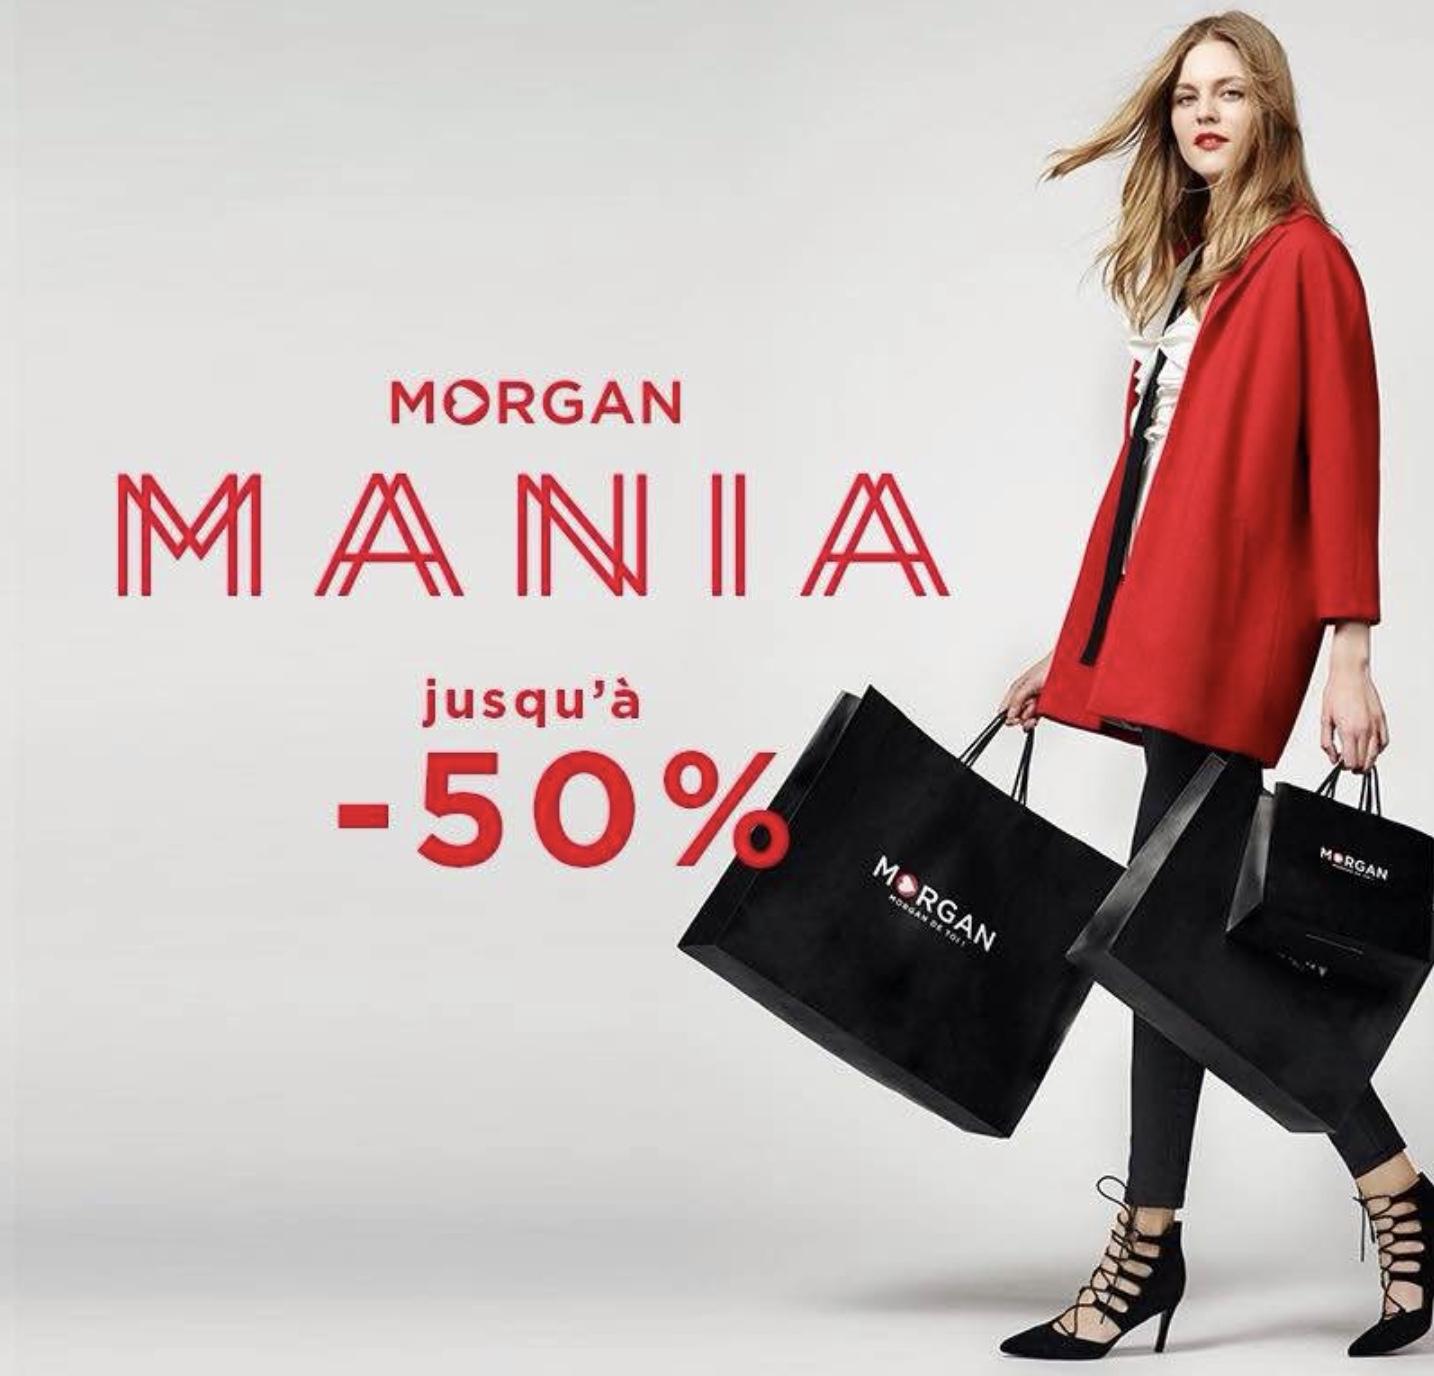 Code promo Morgan : [Morgan Mania] Jusqu'à -50% de réduction sur une sélection et -10% supplémentaires dès 2 articles